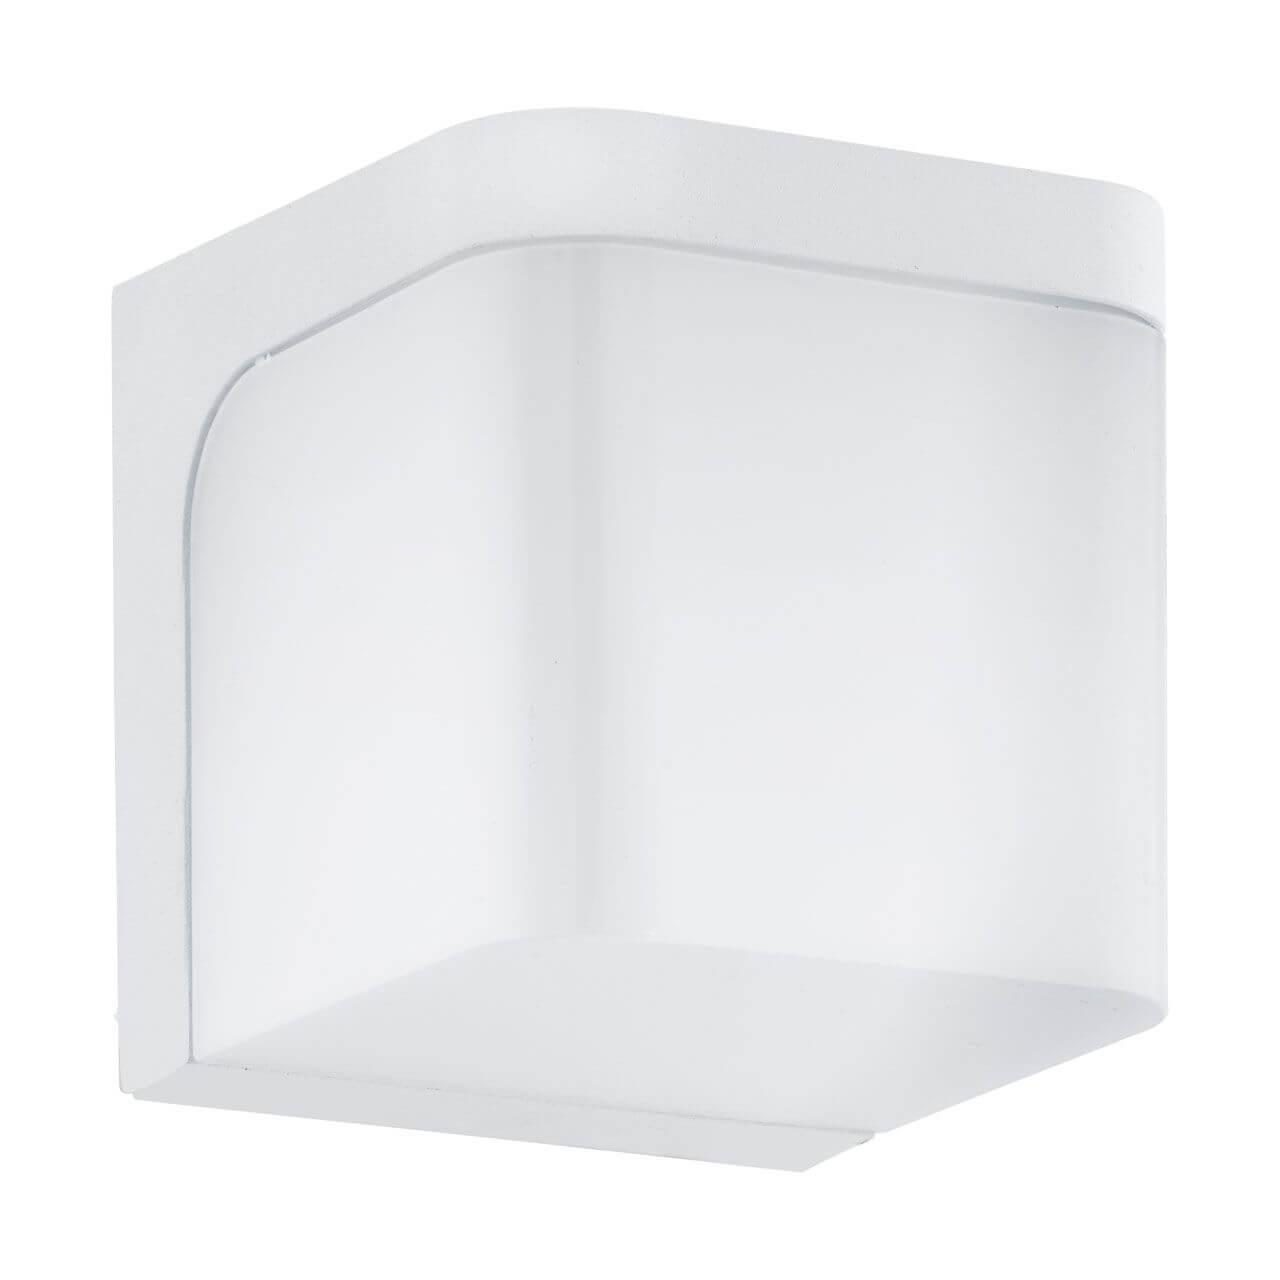 Уличный светильник Eglo 96255, белый уличный настенный светодиодный светильник eglo jorba 96256